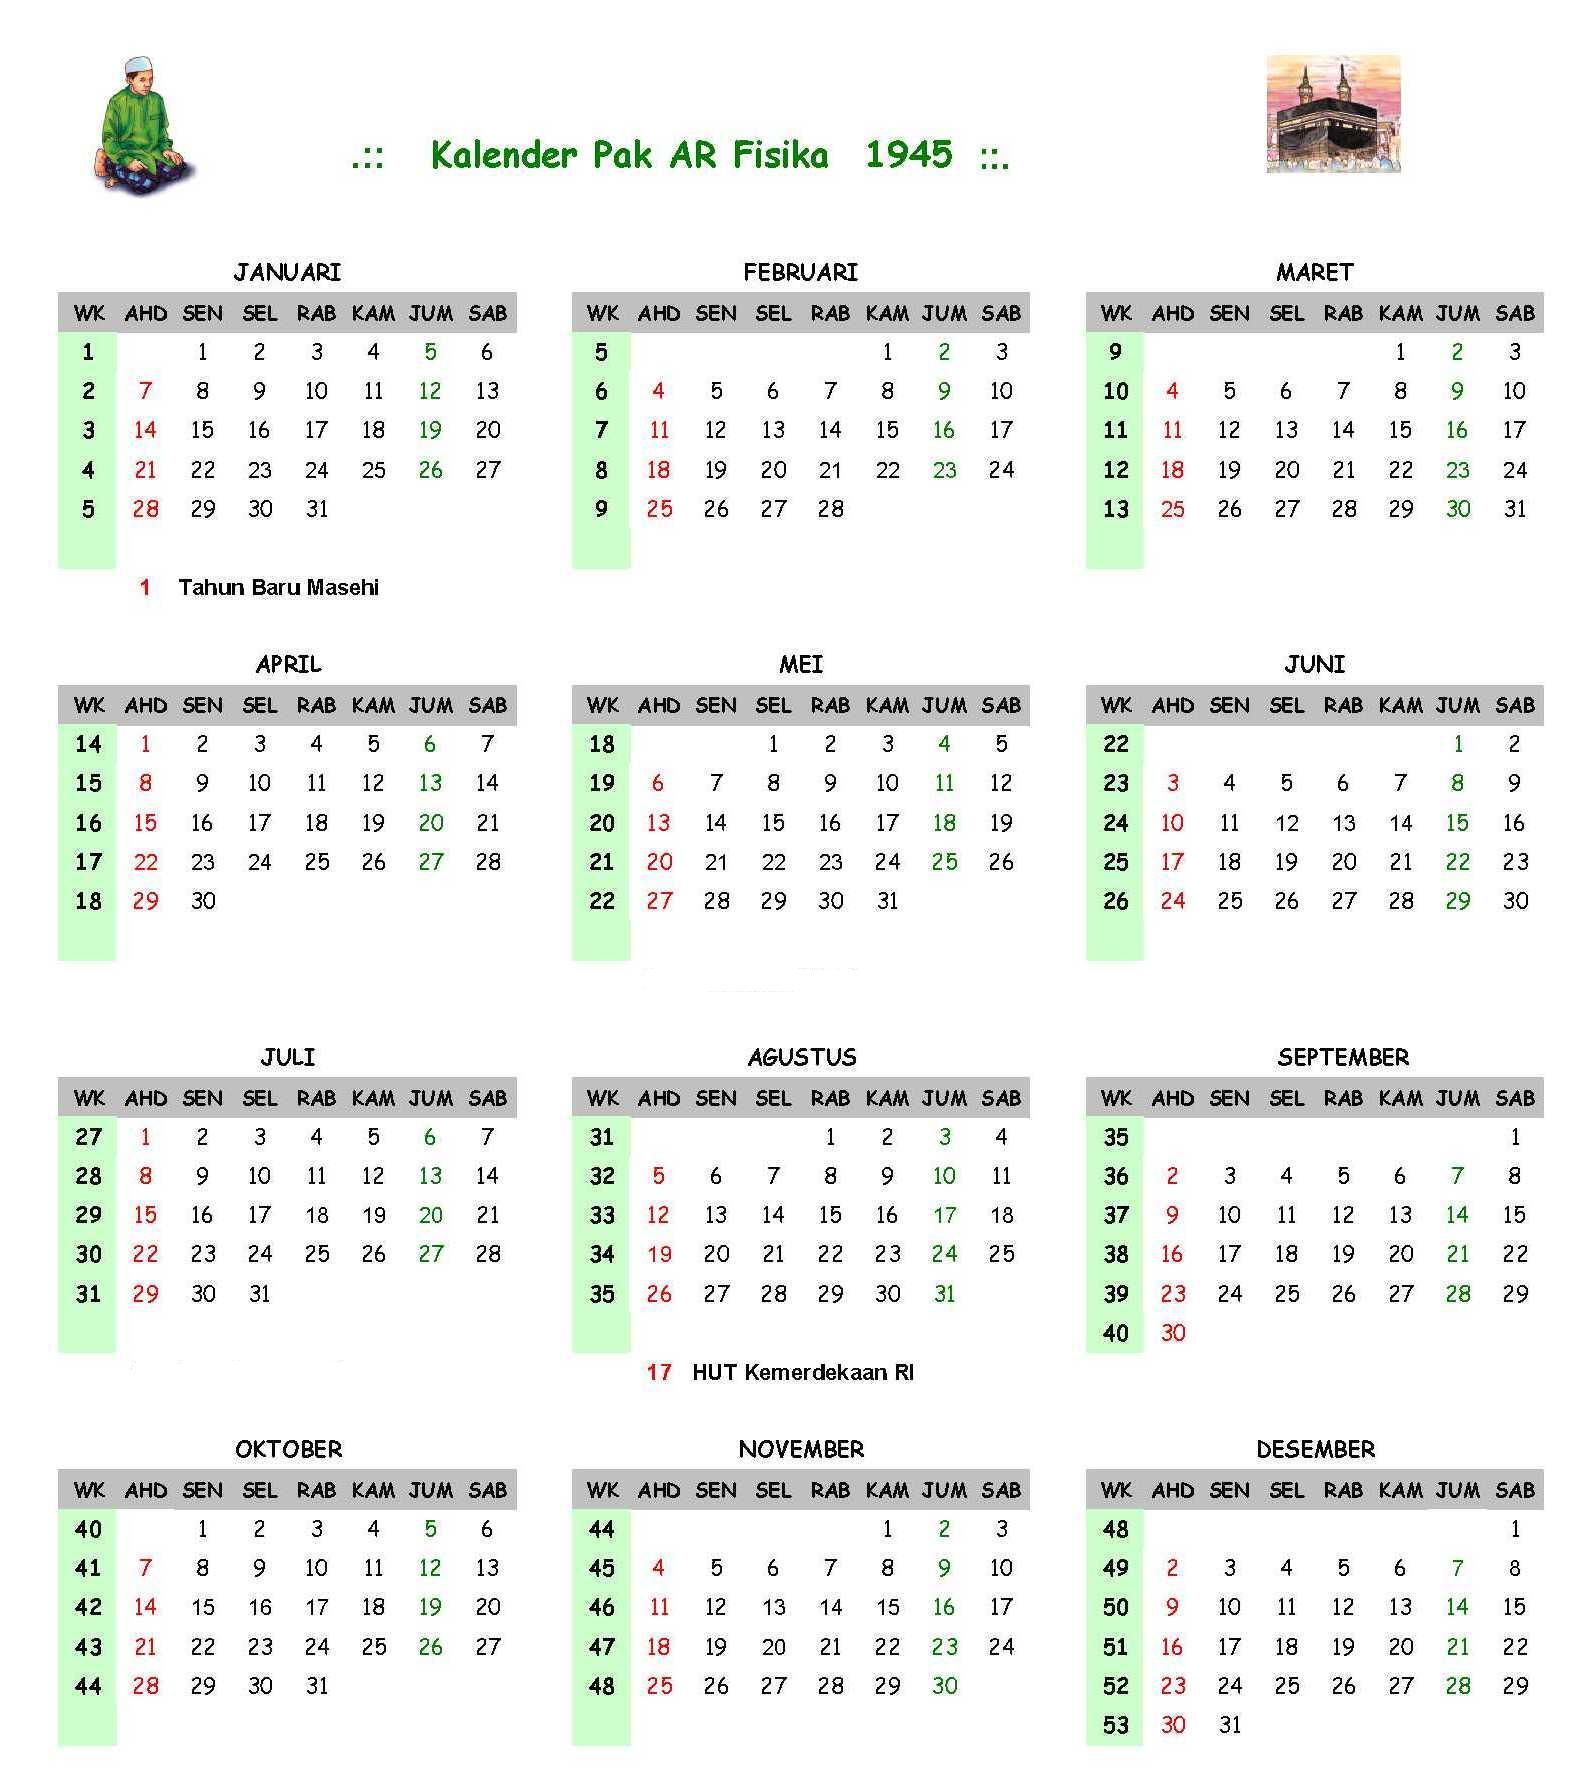 Penanggalan Malaysia: Kalender Jawa 17 Agustus 1995